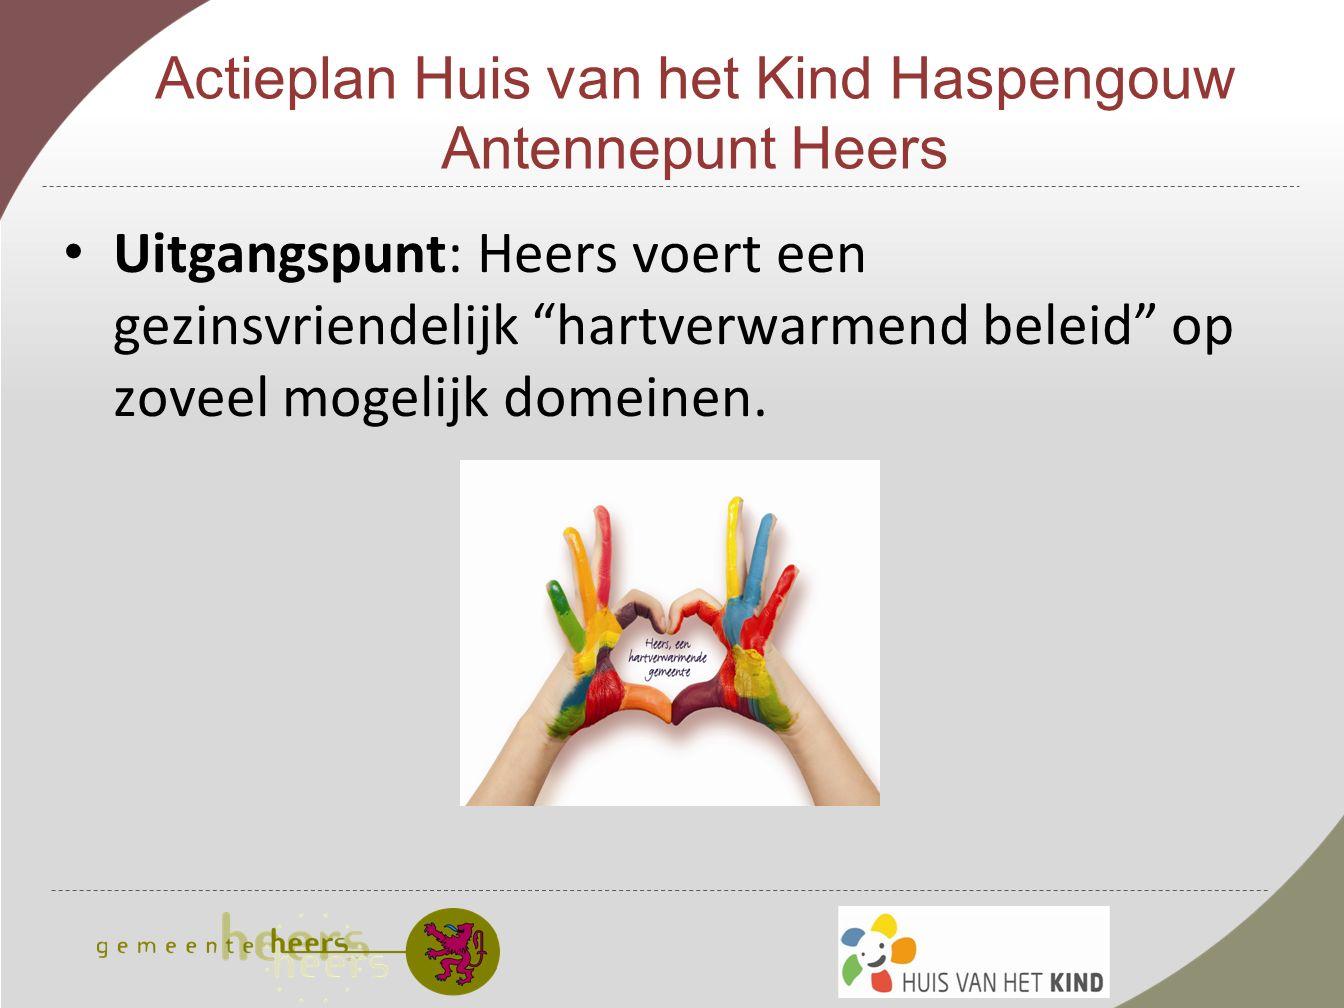 Actieplan Huis van het Kind Haspengouw Antennepunt Heers 2.